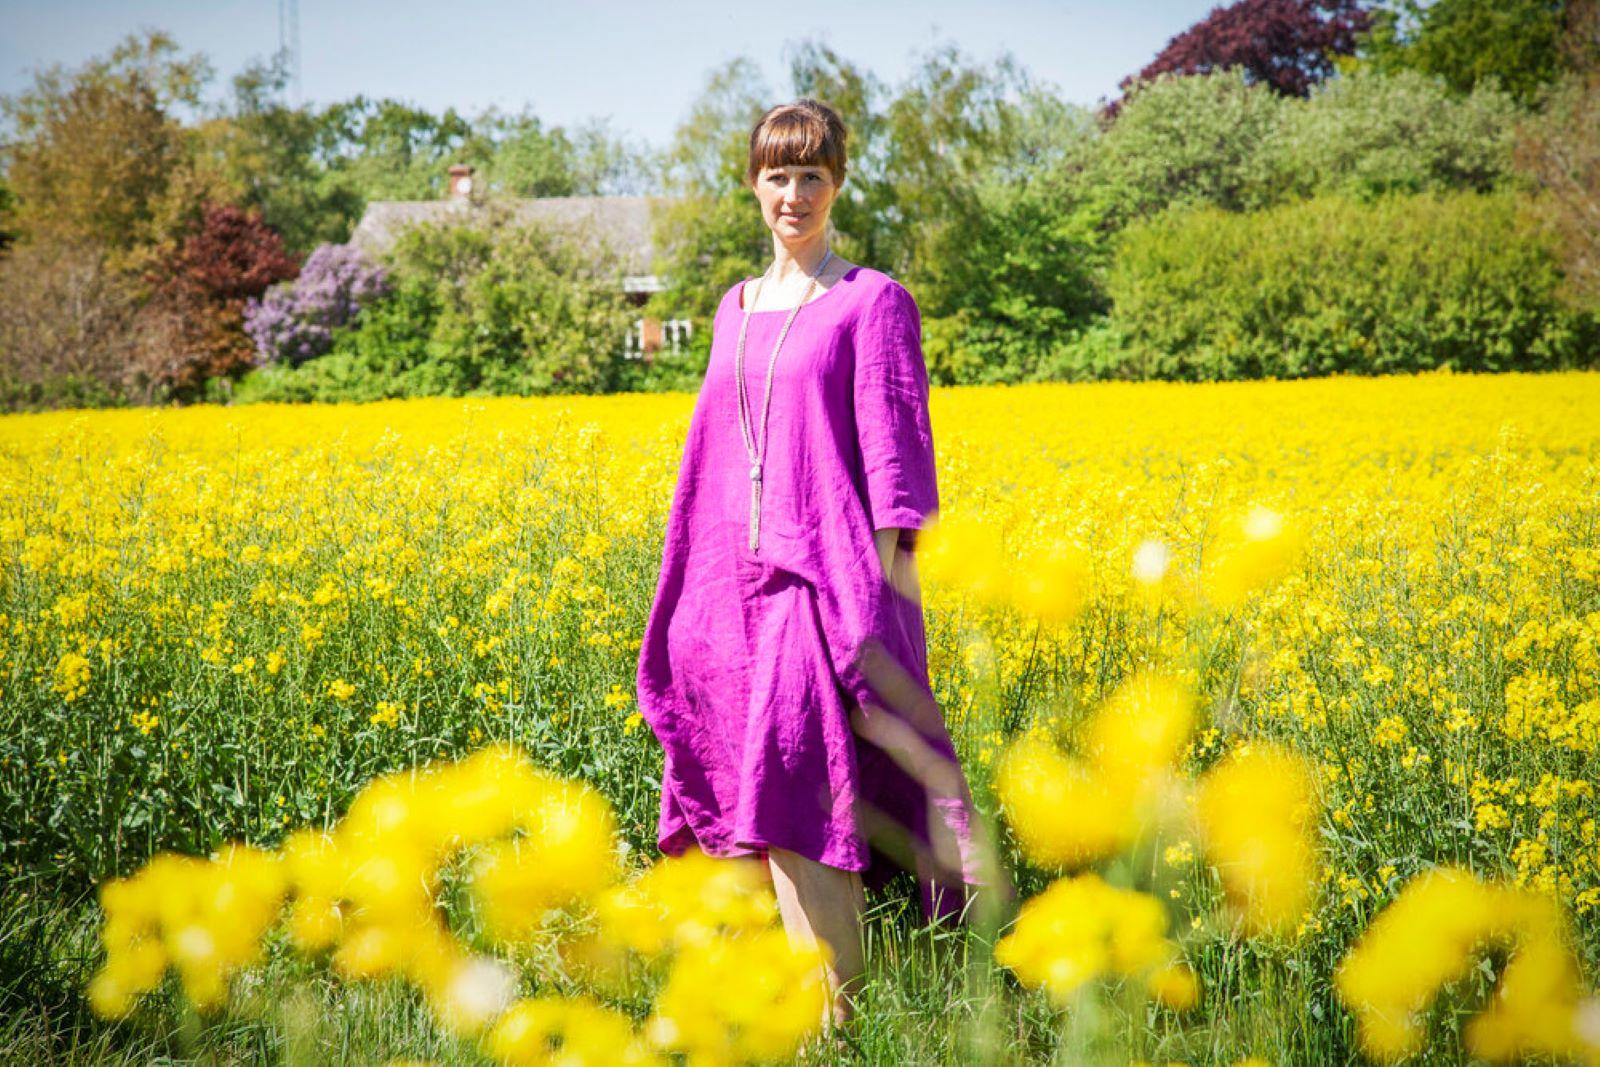 Muoti-Kulma Krisse mallinainen violetissa mekossa keltakukkaisen pellon keskellä.